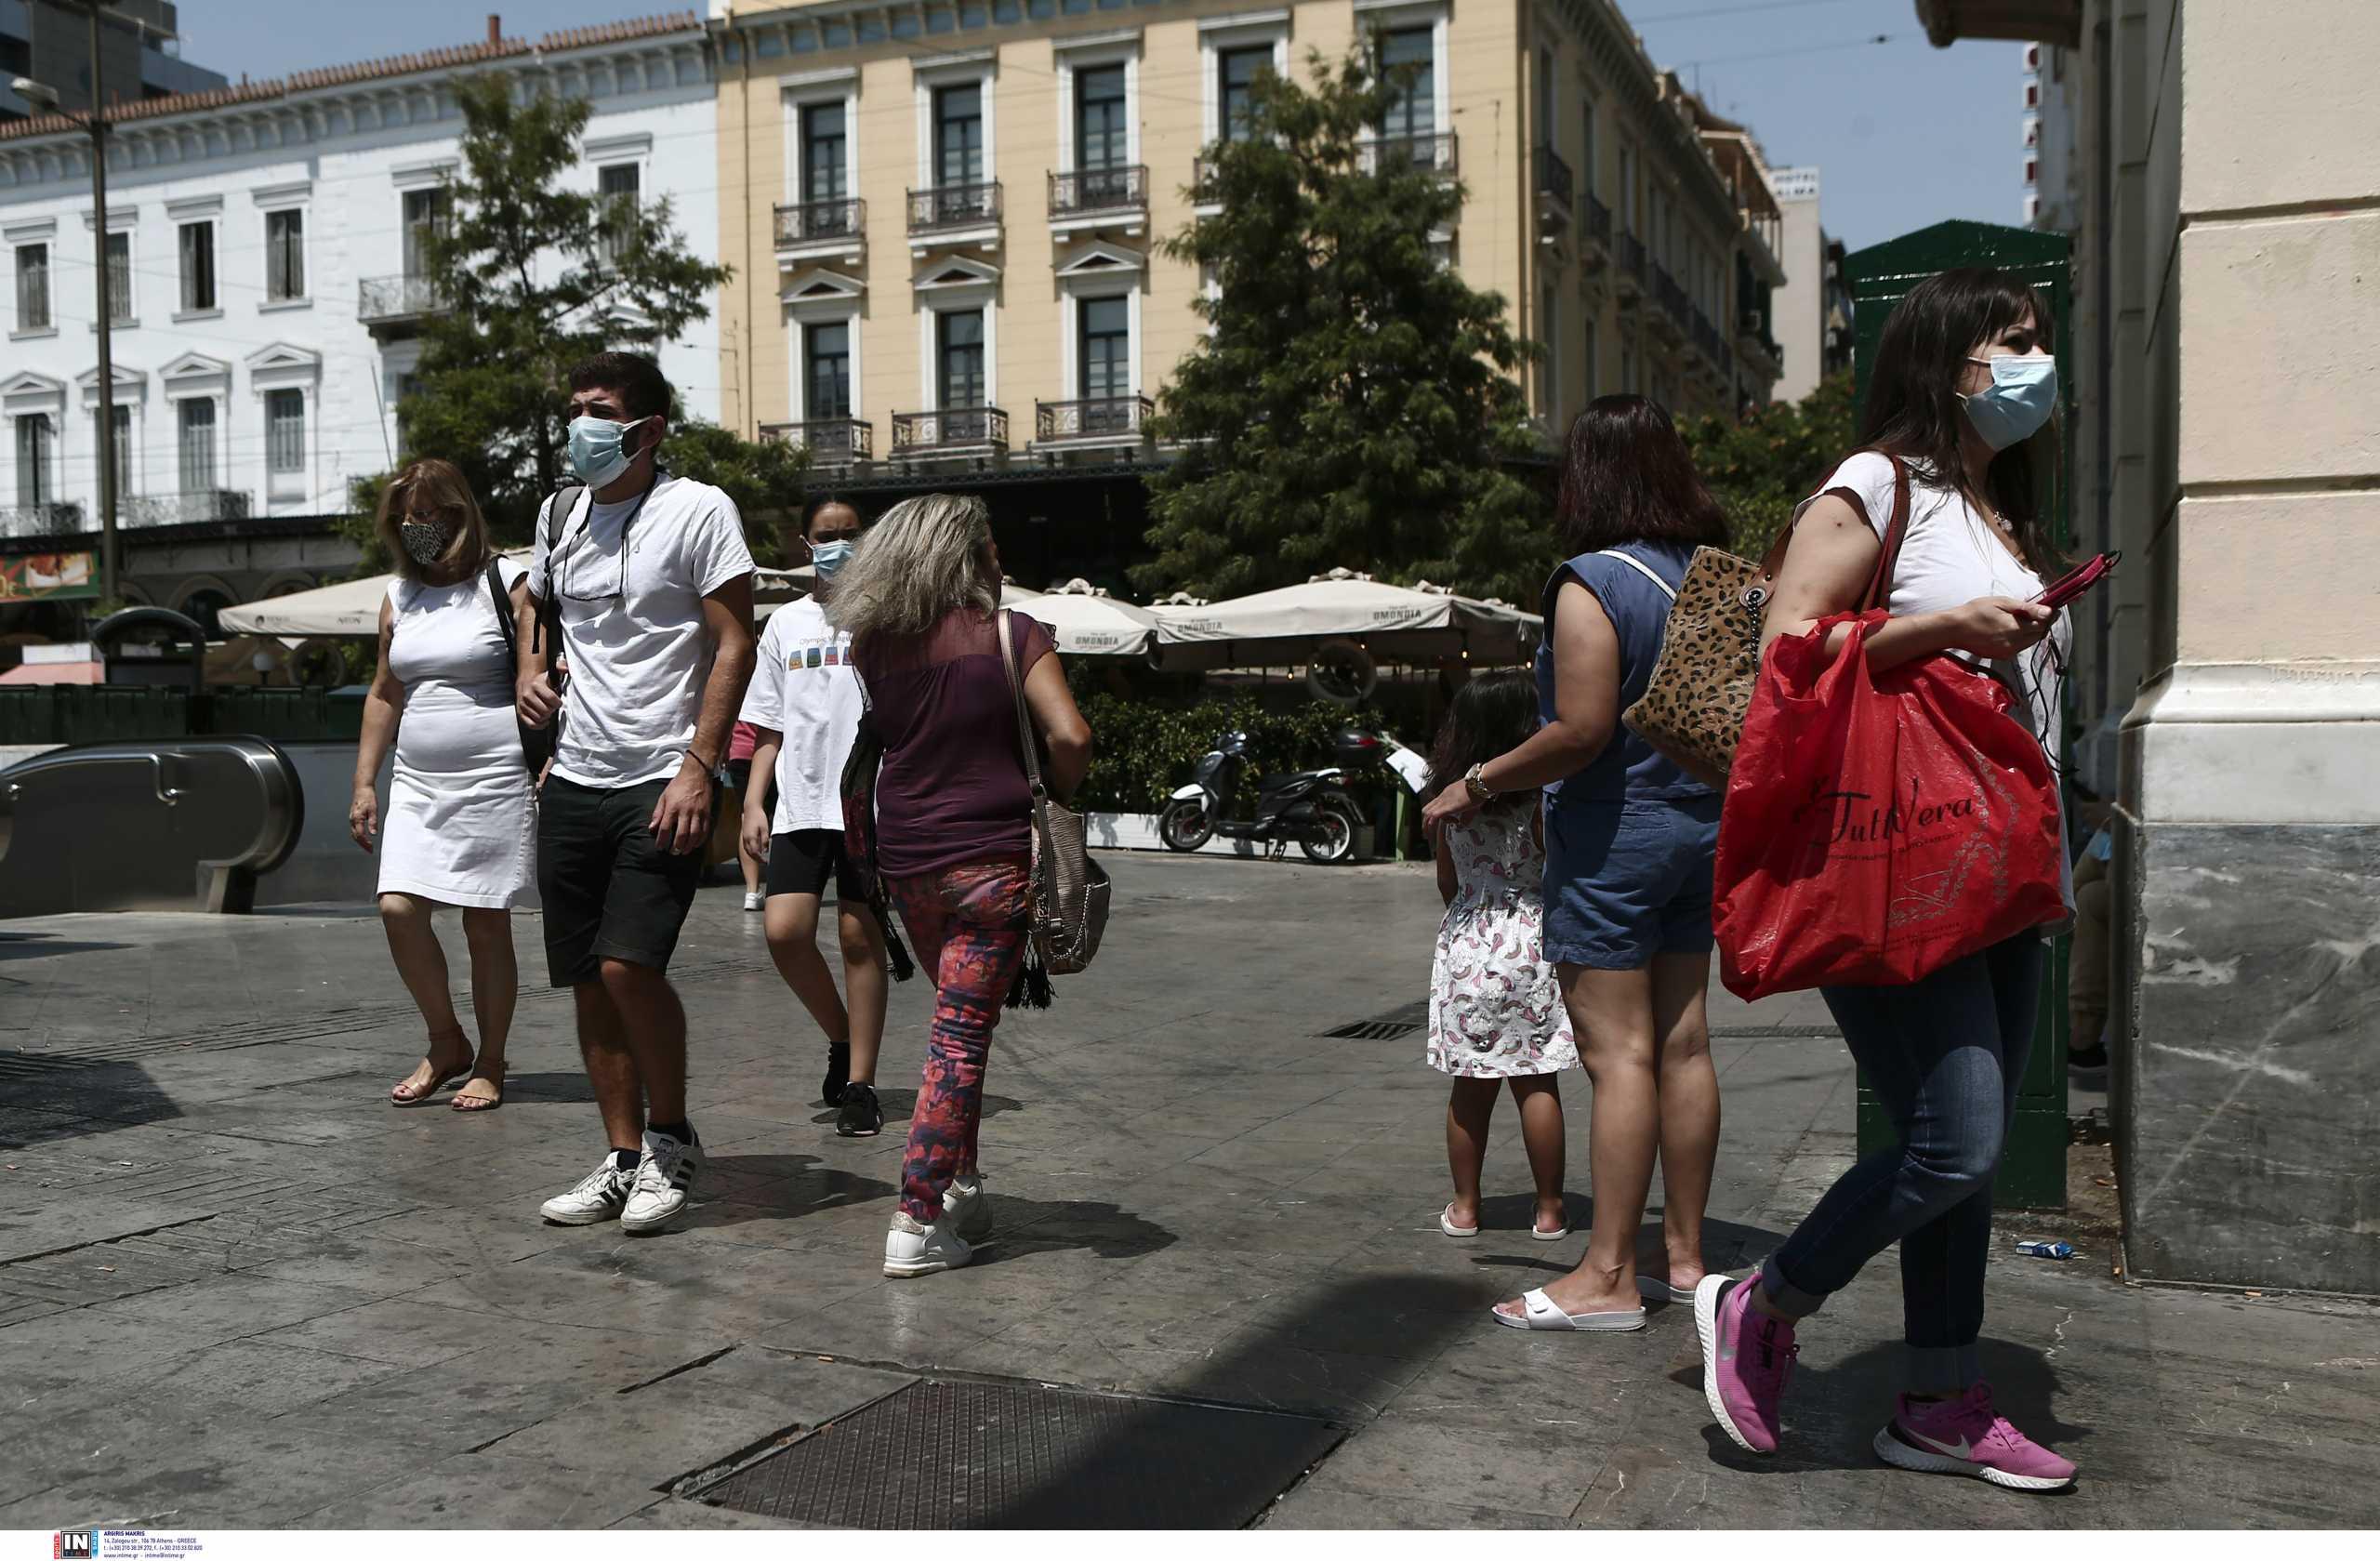 Κορονοϊός: Μεγάλη διασπορά σε όλη την Ελλάδα – Στα «κόκκινα» Αττική, Κρήτη, Θεσσαλονίκη και Ρόδος σήμερα 13/08